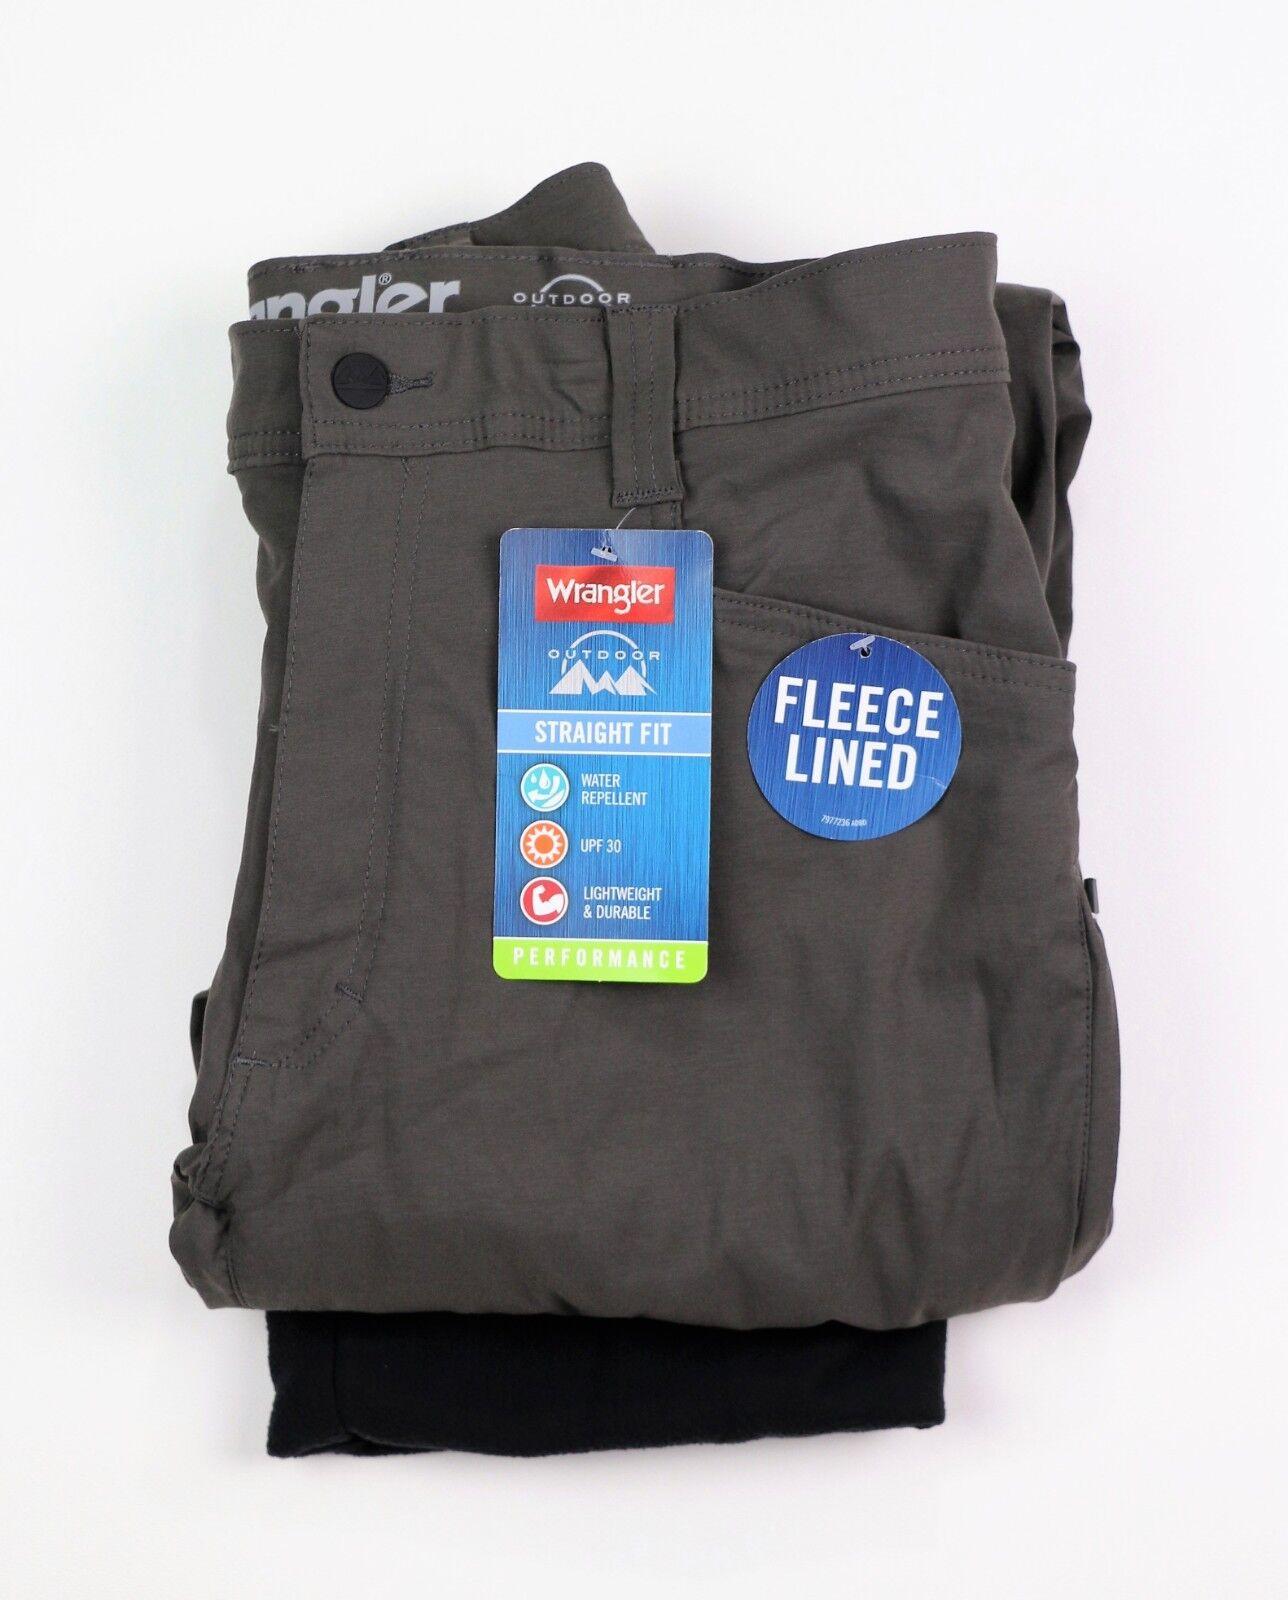 New Wrangler Men's Fleece Lined Pants Water Repellent Fishing Hiking Outdoors